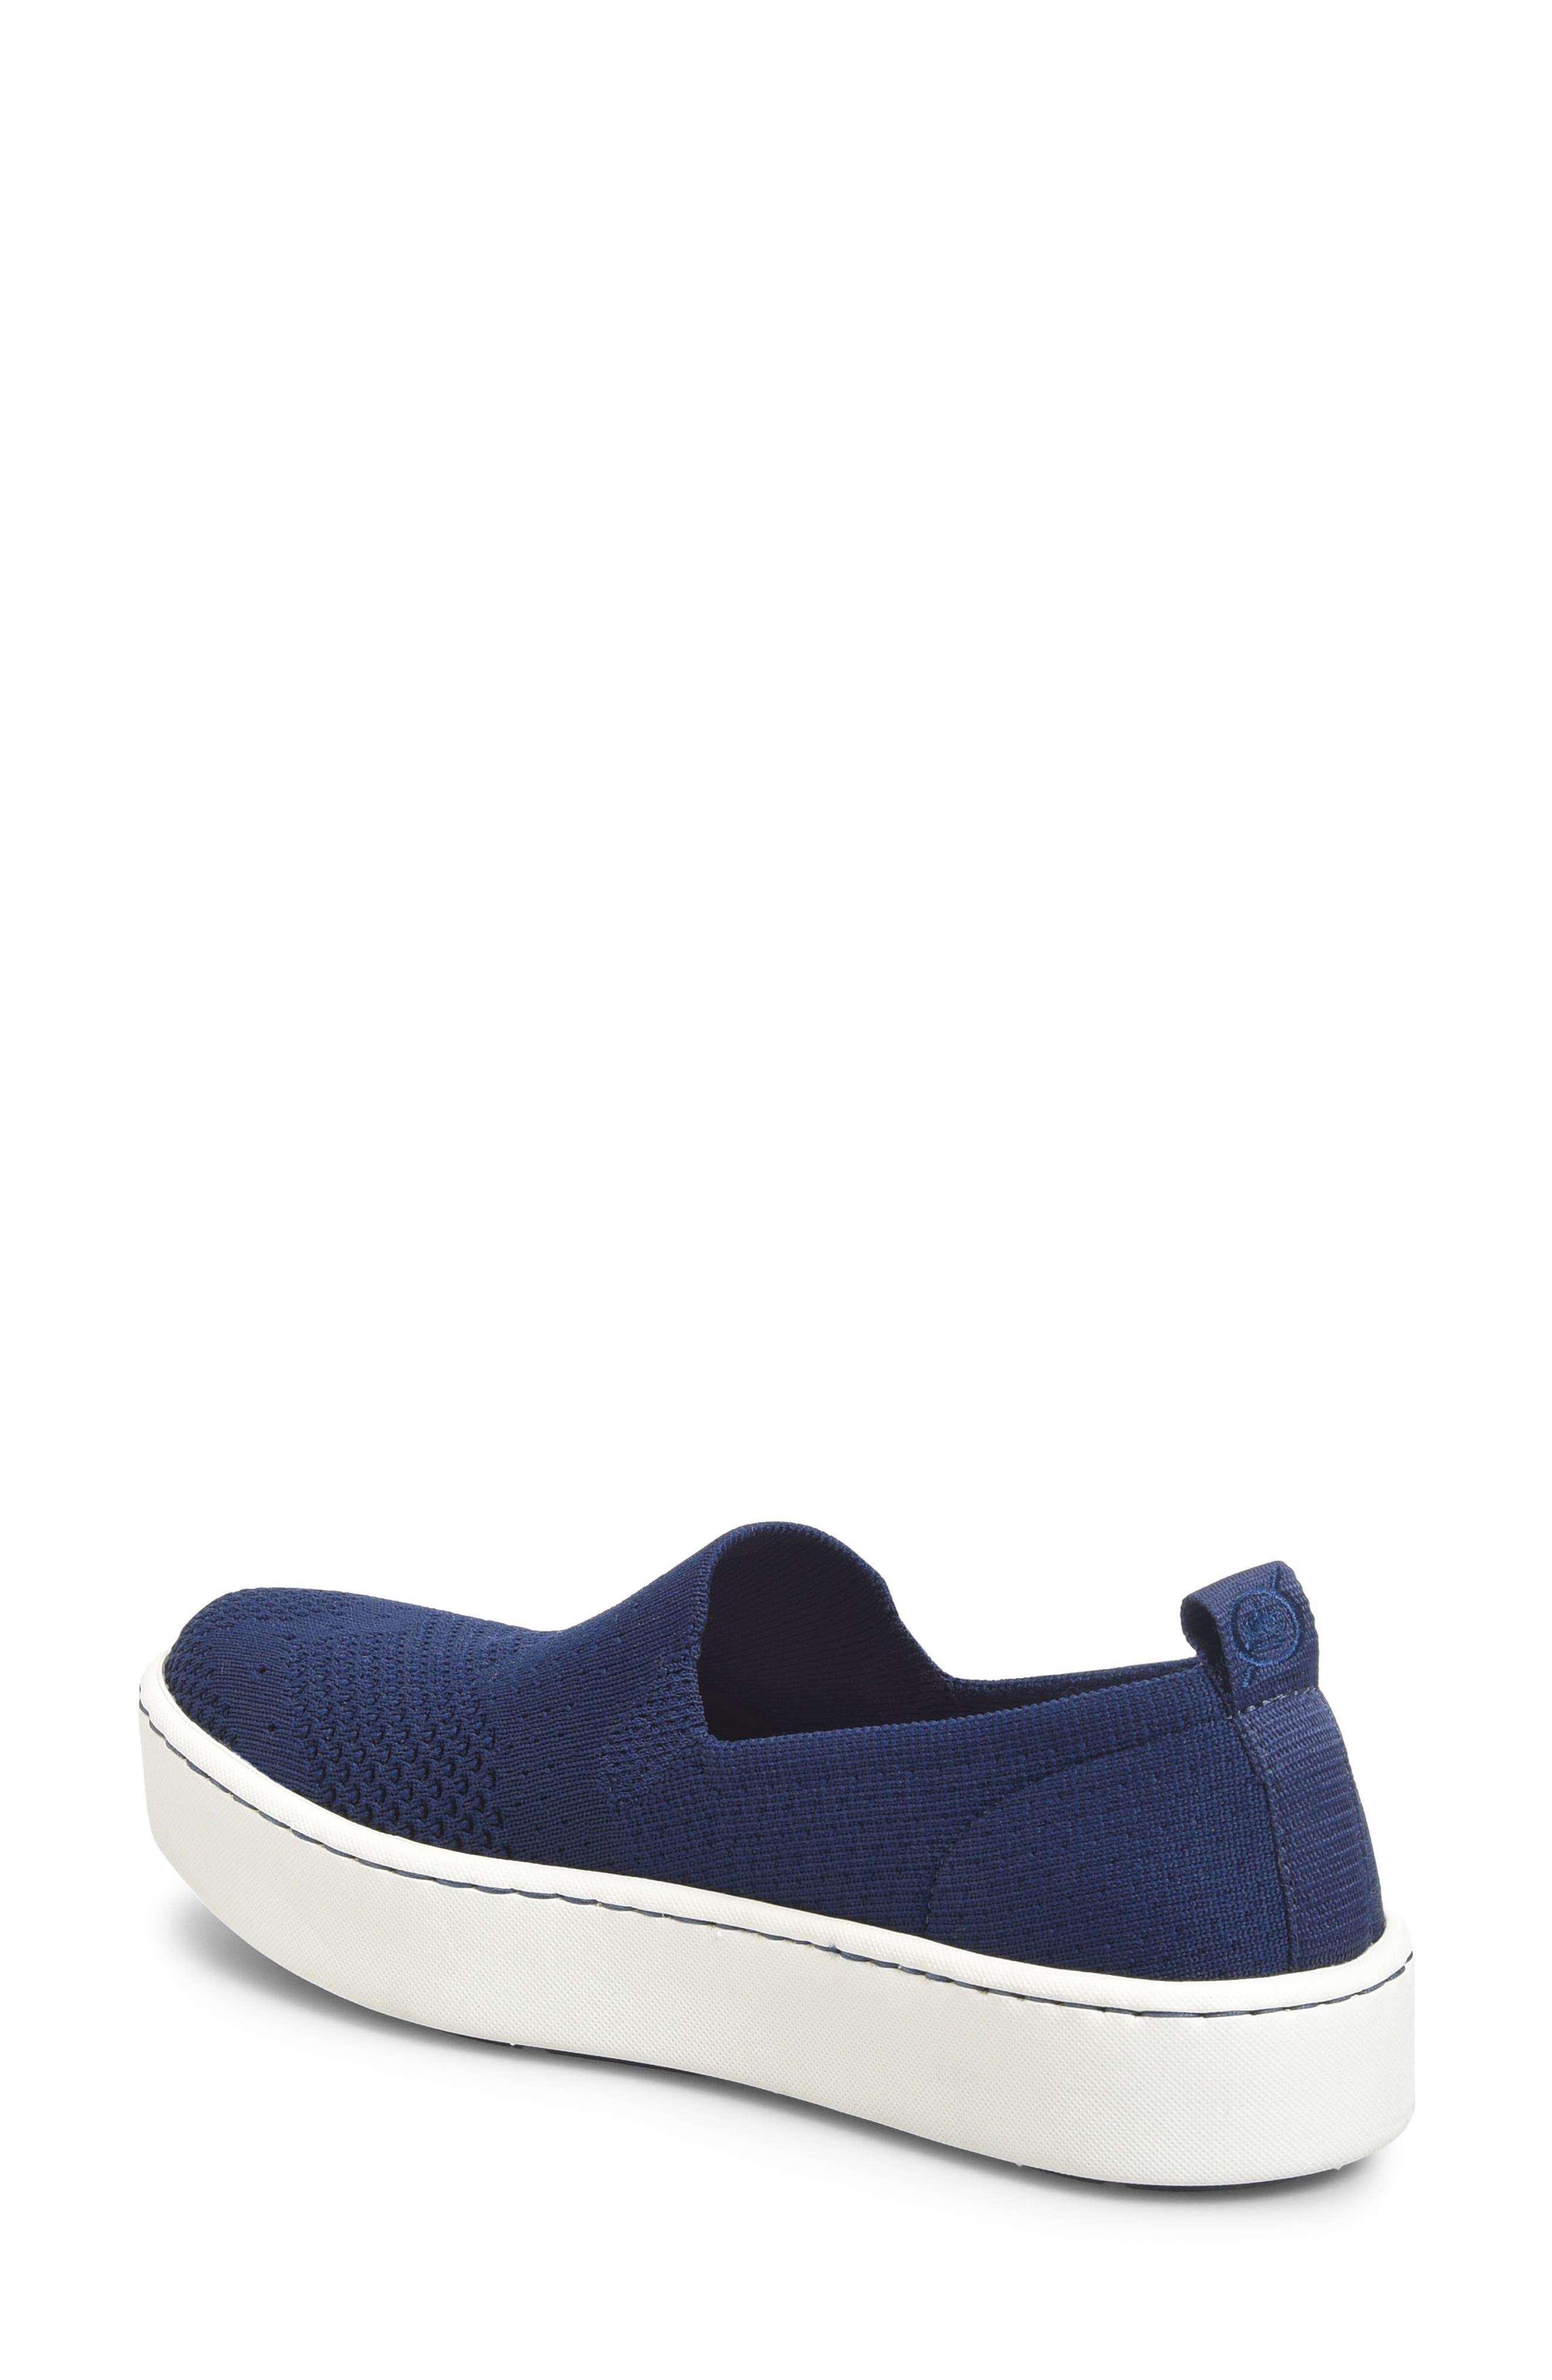 Alternate Image 2  - Børn Sun Slip-On Sneaker (Women)